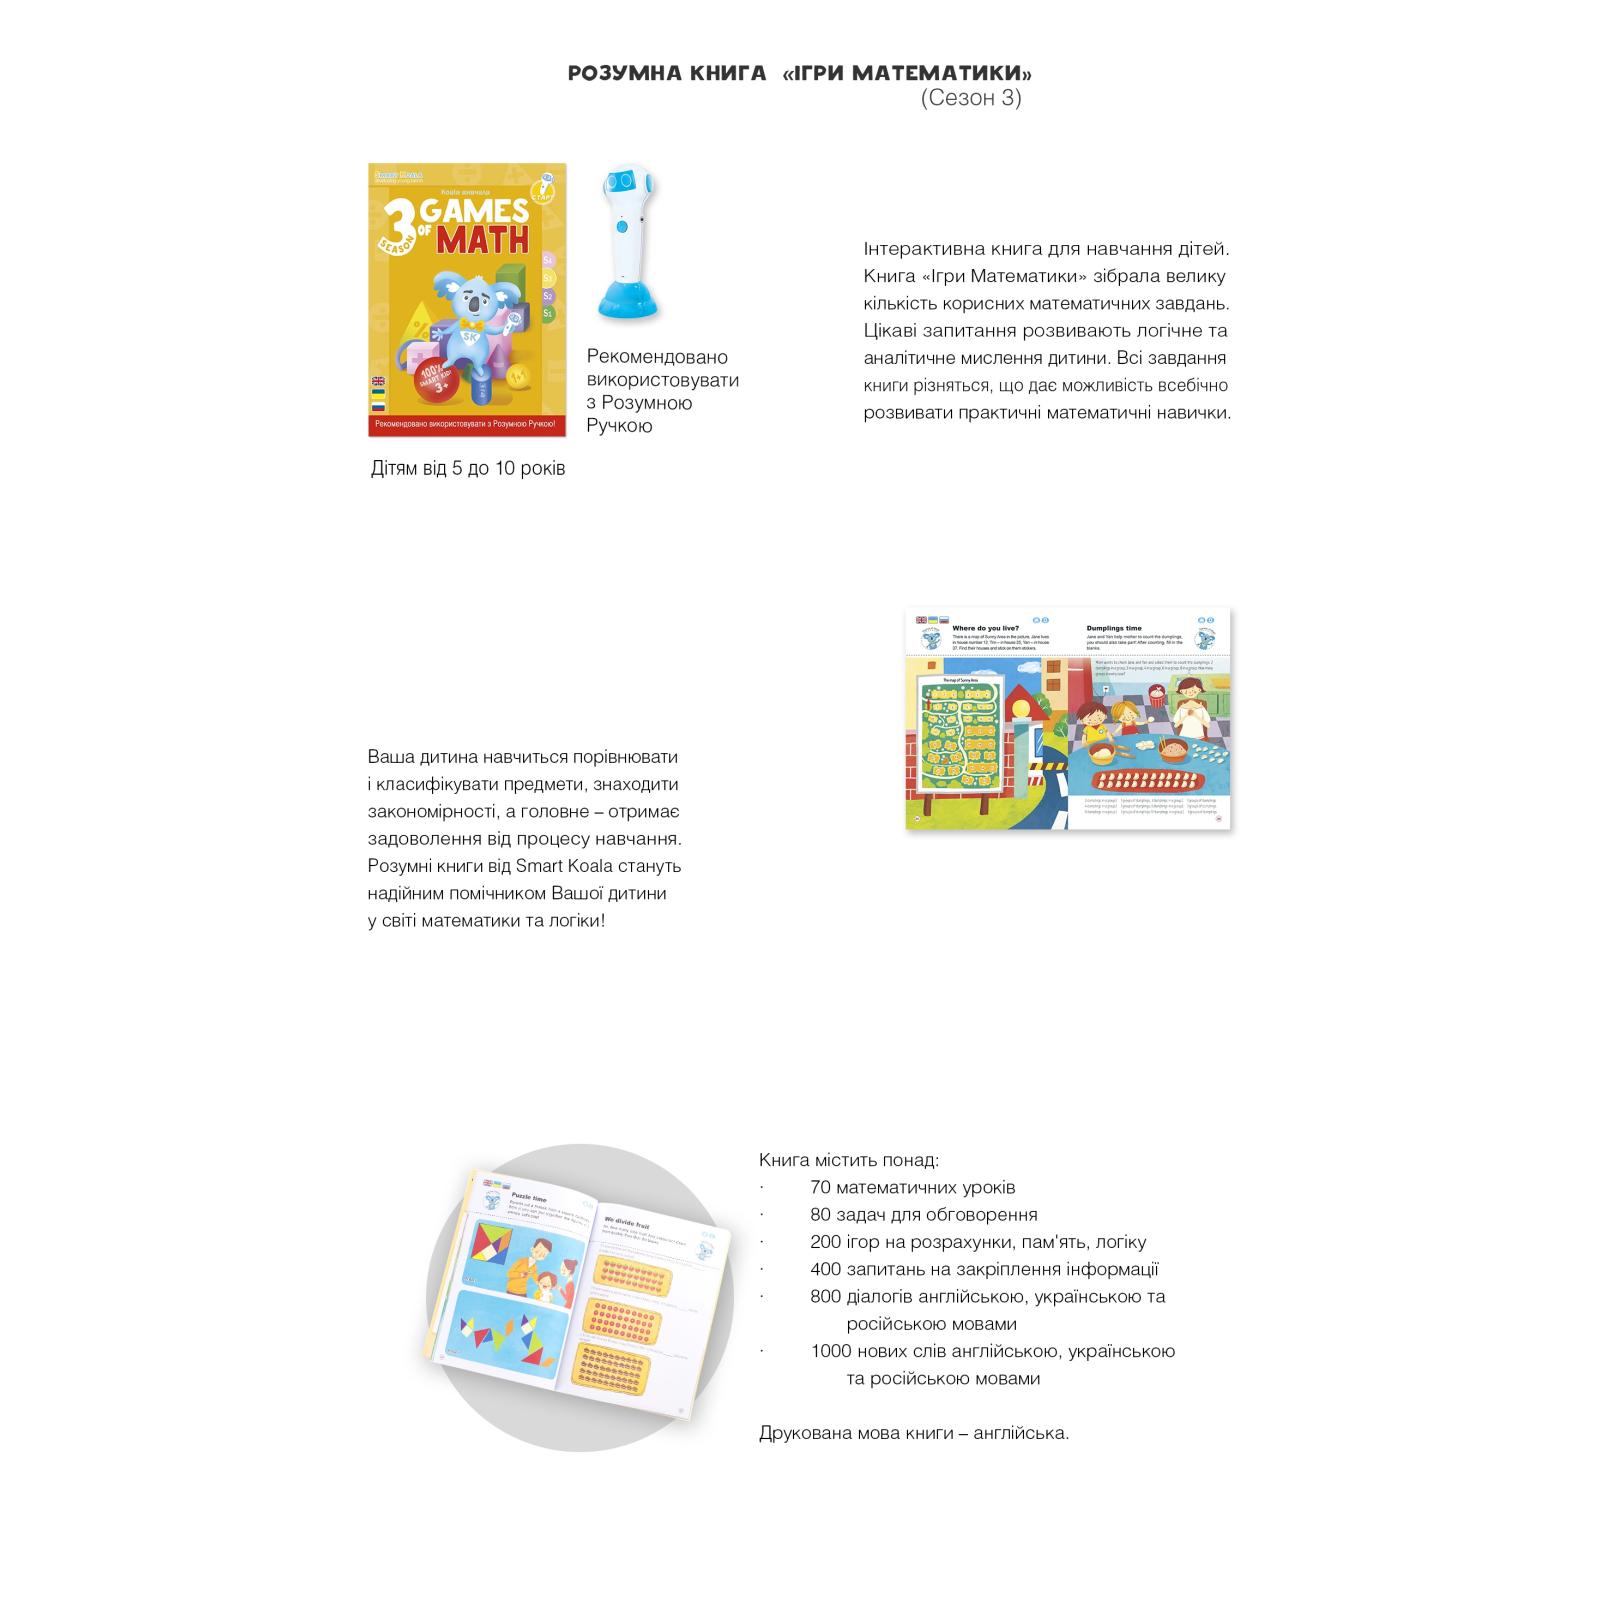 Интерактивная игрушка Smart Koala развивающая книга The Games of Math (Season 3) №3 (SKBGMS3) изображение 4